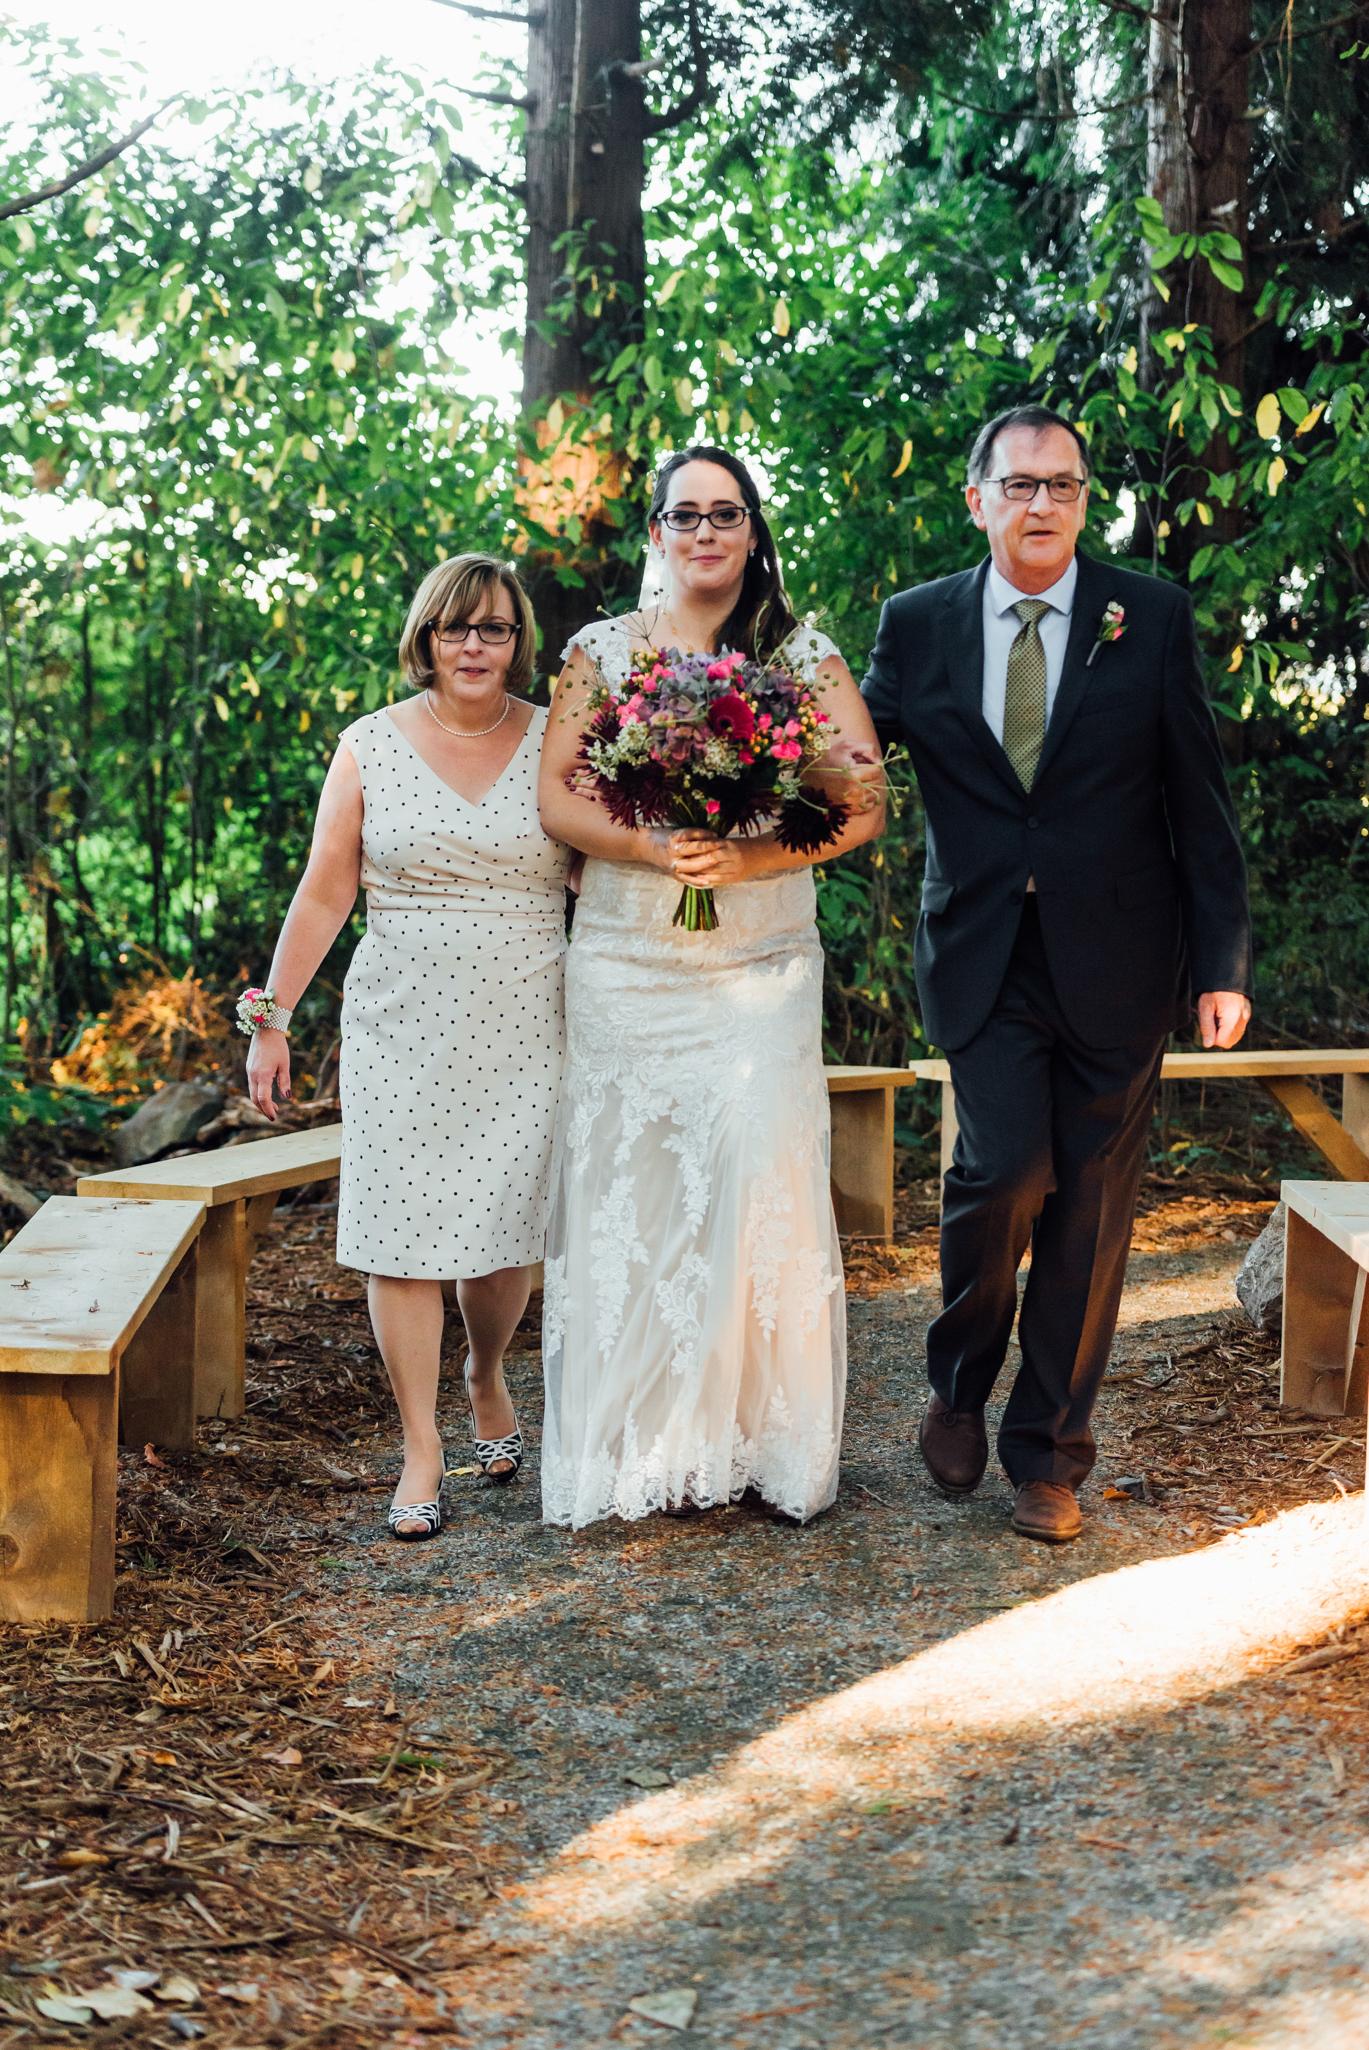 Nicola_Reiersen_Photography_Sea_Cider_Forest_Wedding (56).jpg